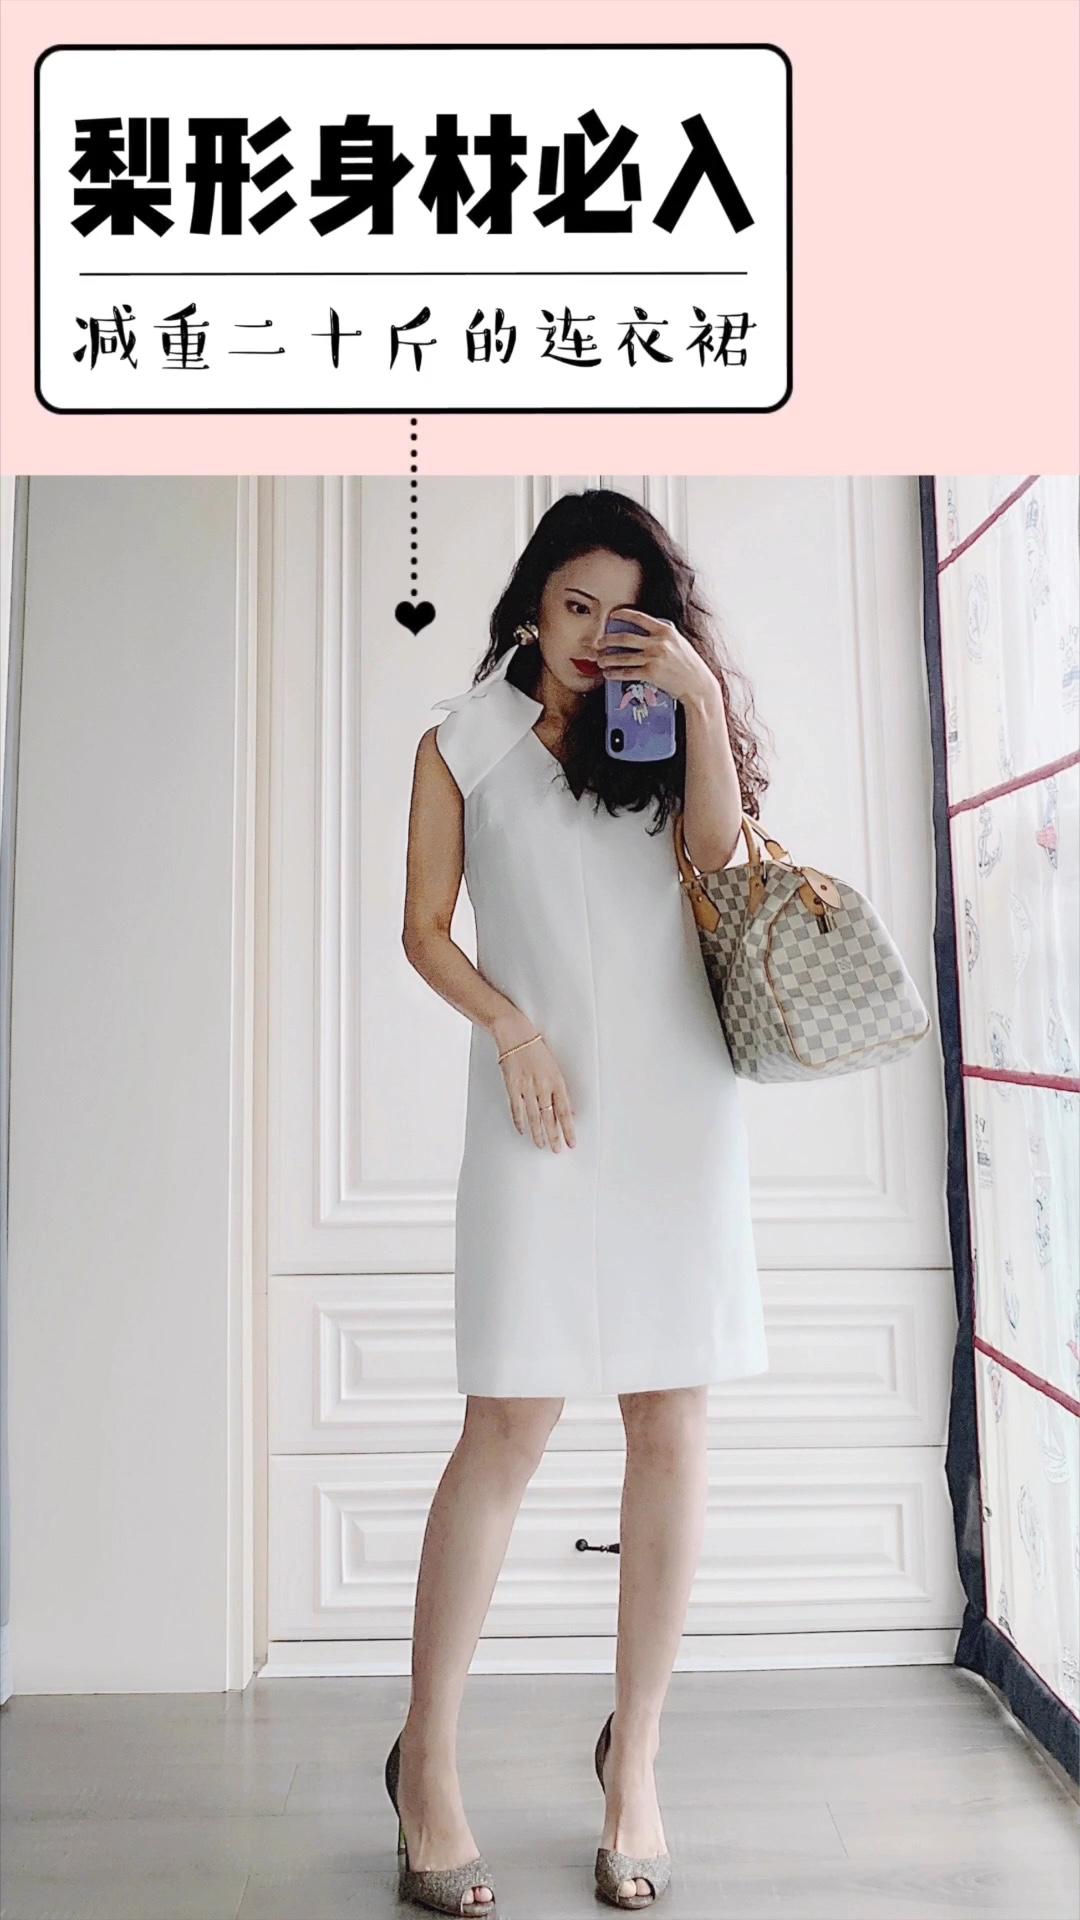 梨形身材的小仙女,一定要入的一款连衣裙👗 立体剪裁的腰部,让大肚子消失无踪🙀 肩上和背后三个大大的蝴蝶结,设计感十足,也会转移大家的视觉重点,随便穿身上都超美🌺 减重20斤的夏季必备连衣裙就是它了❗️❗️ #懒人最爱:清爽出街超easy#